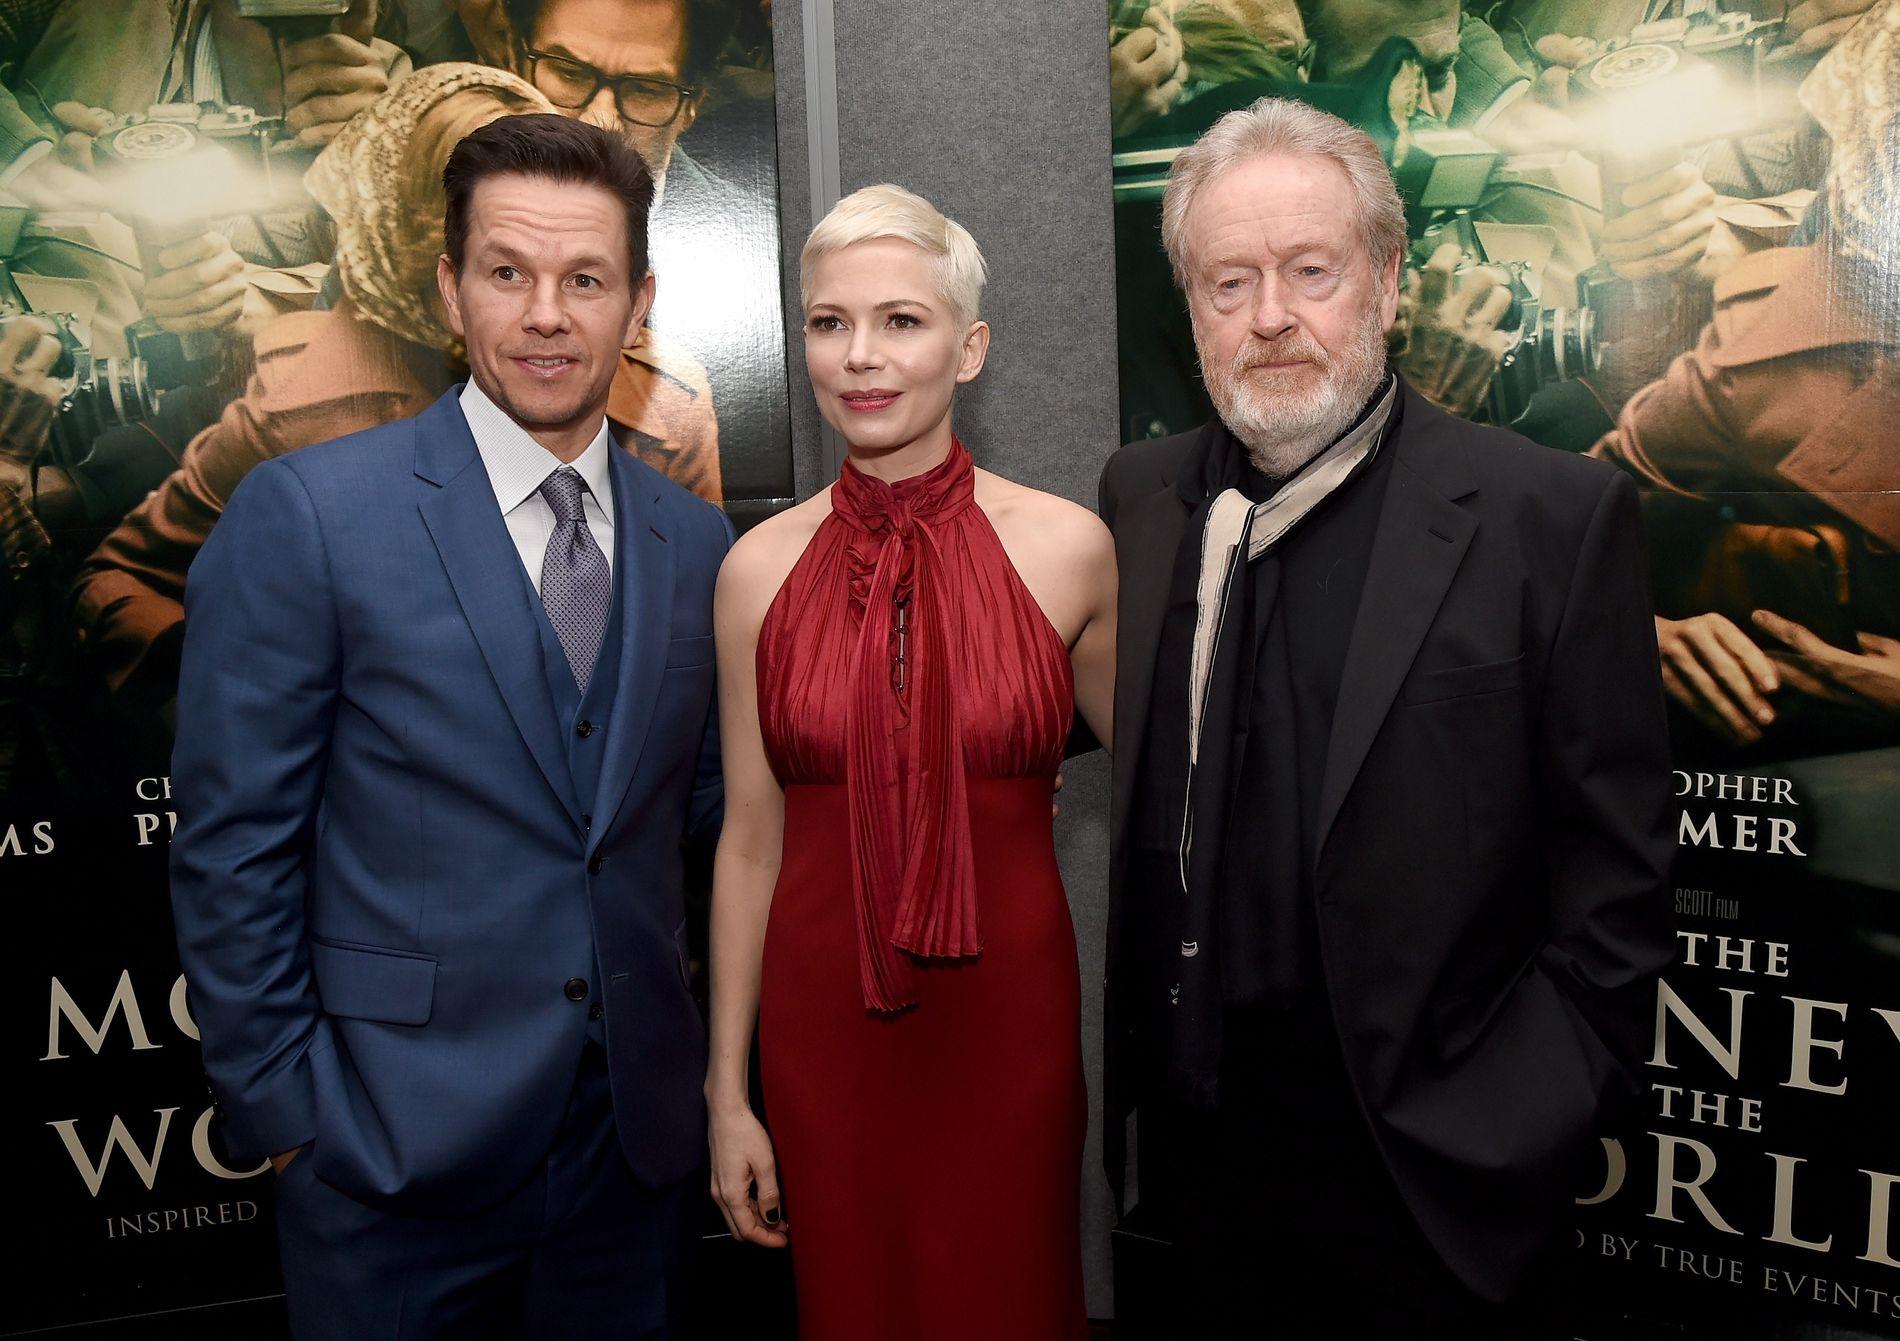 PÅ PREMIERE: Mark Wahlberg, Michelle Williams og regissør Ridley Scott på premiere for filmen «All the Money in the World».